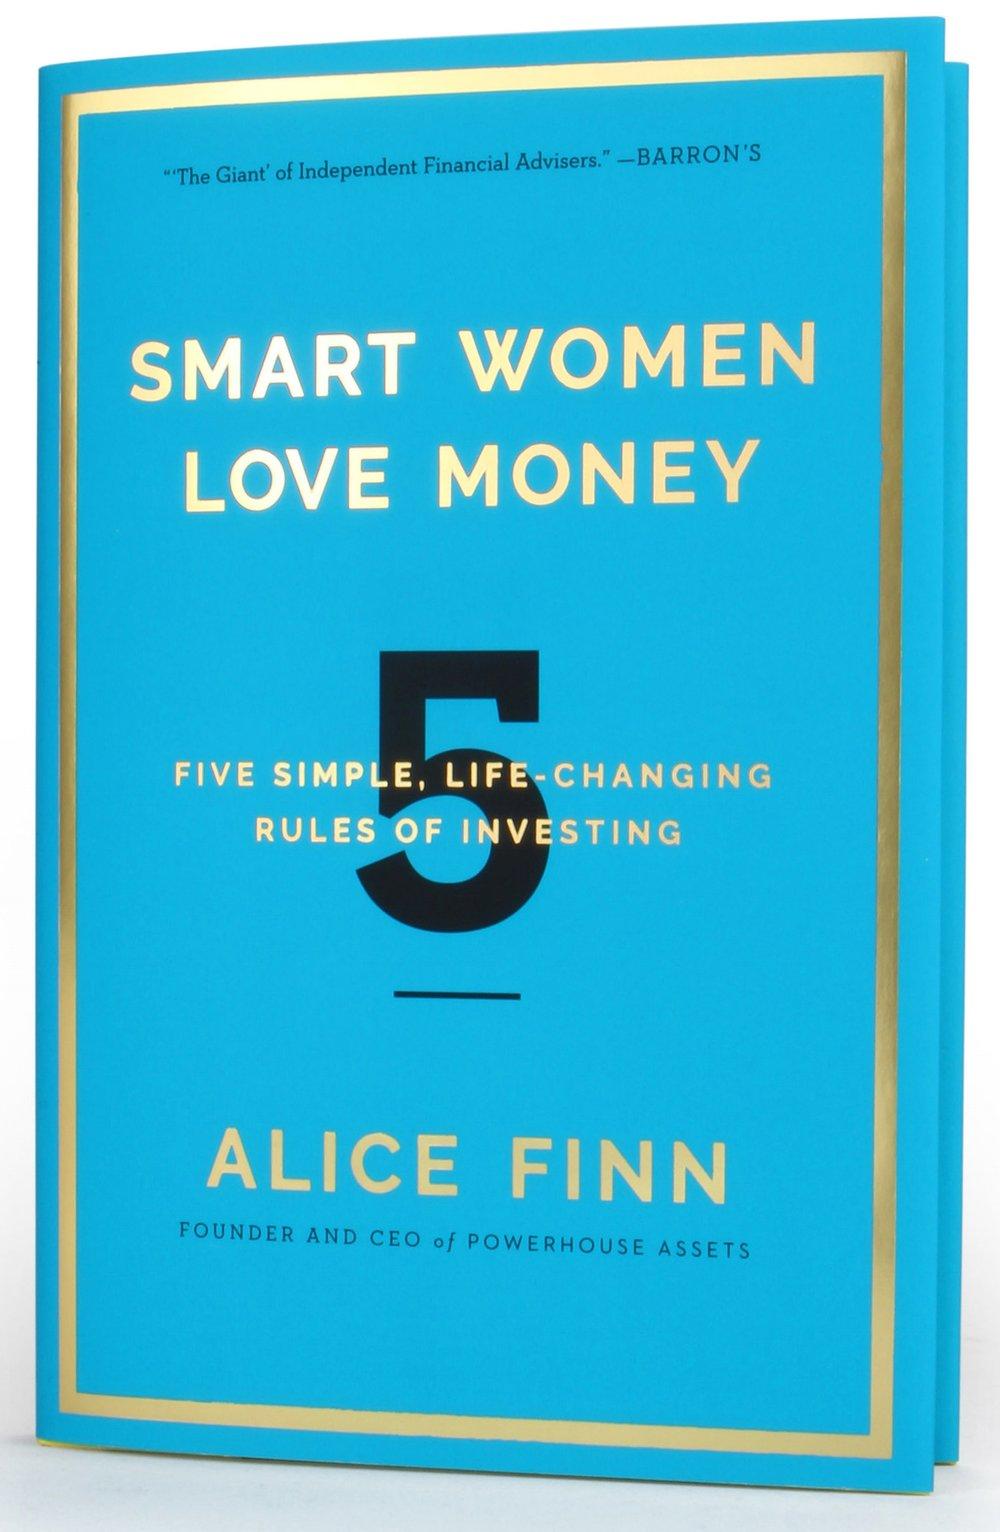 SmartWomenLoveMoneycover3D.jpg